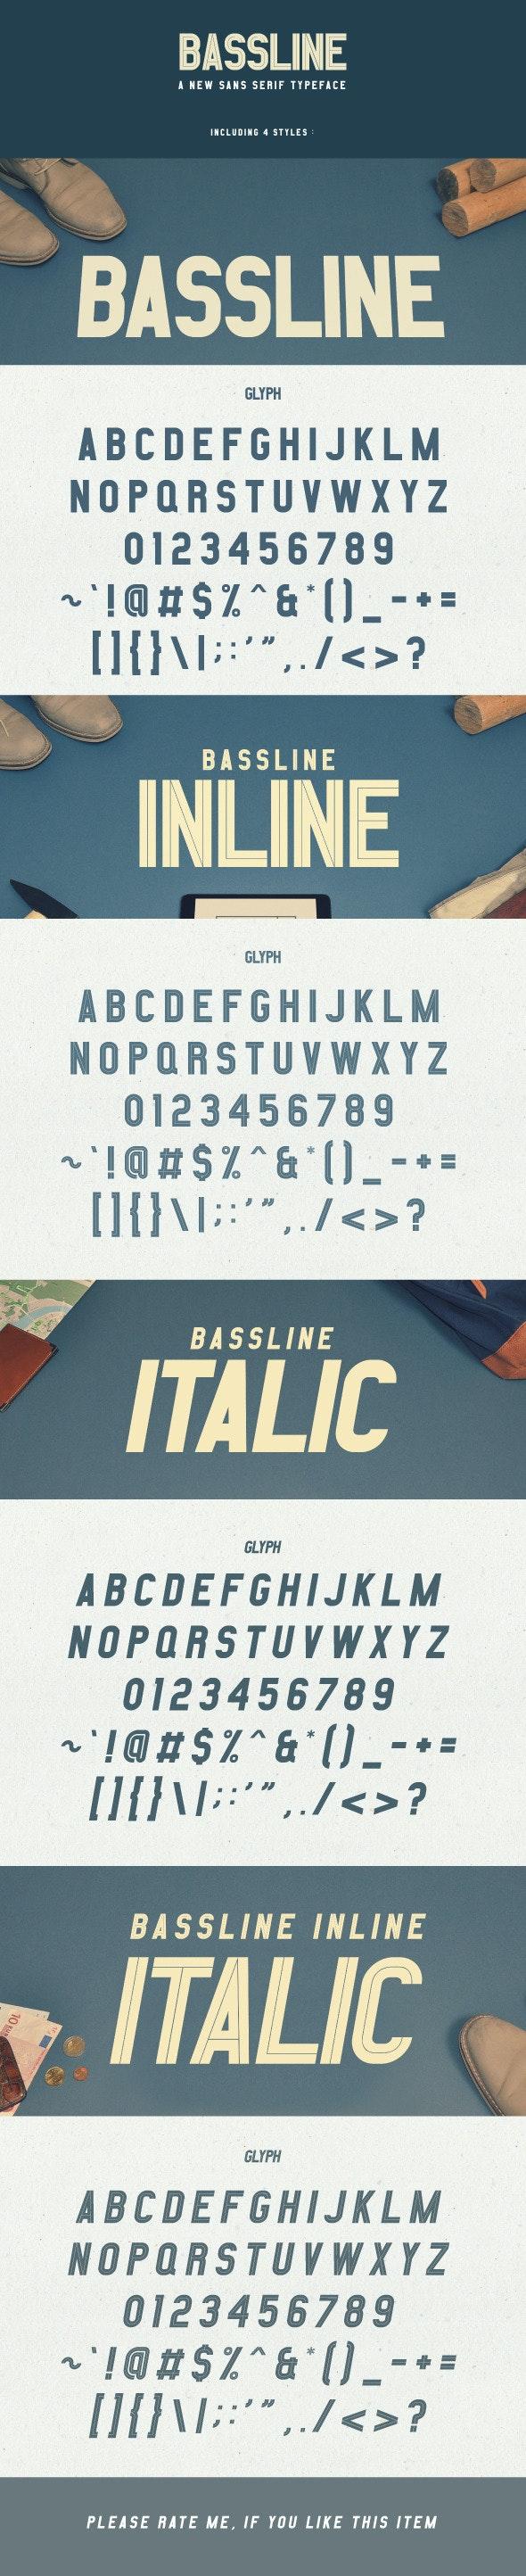 18 Best Sans-Serif Fonts  for March 2019